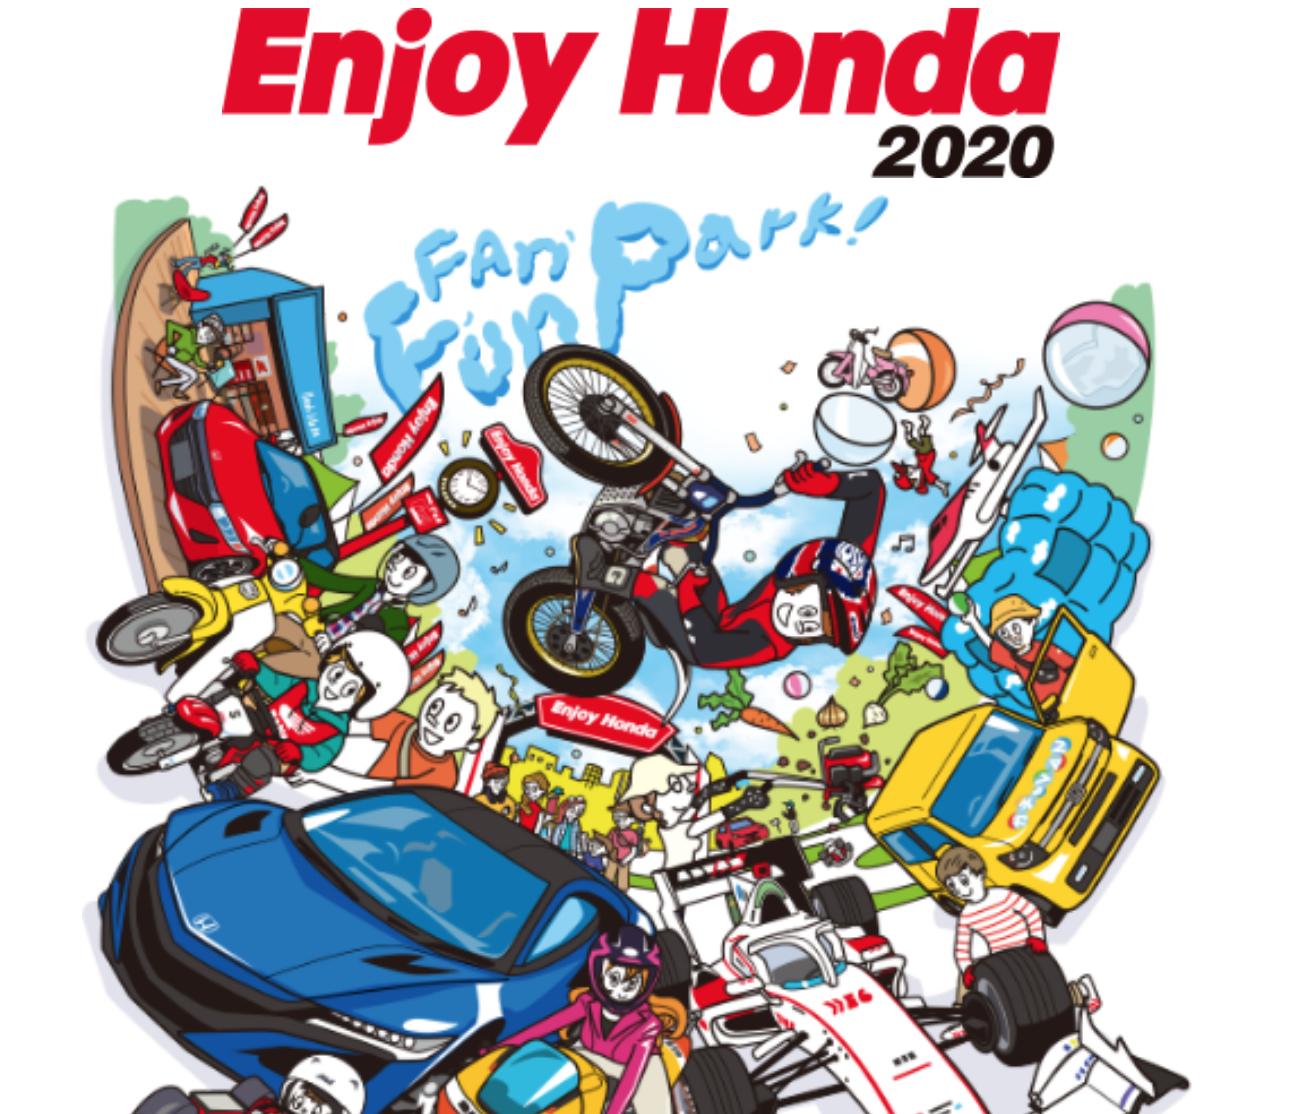 Enjoy Honda 2020 万博記念公園(エンジョイ ホンダ2020)